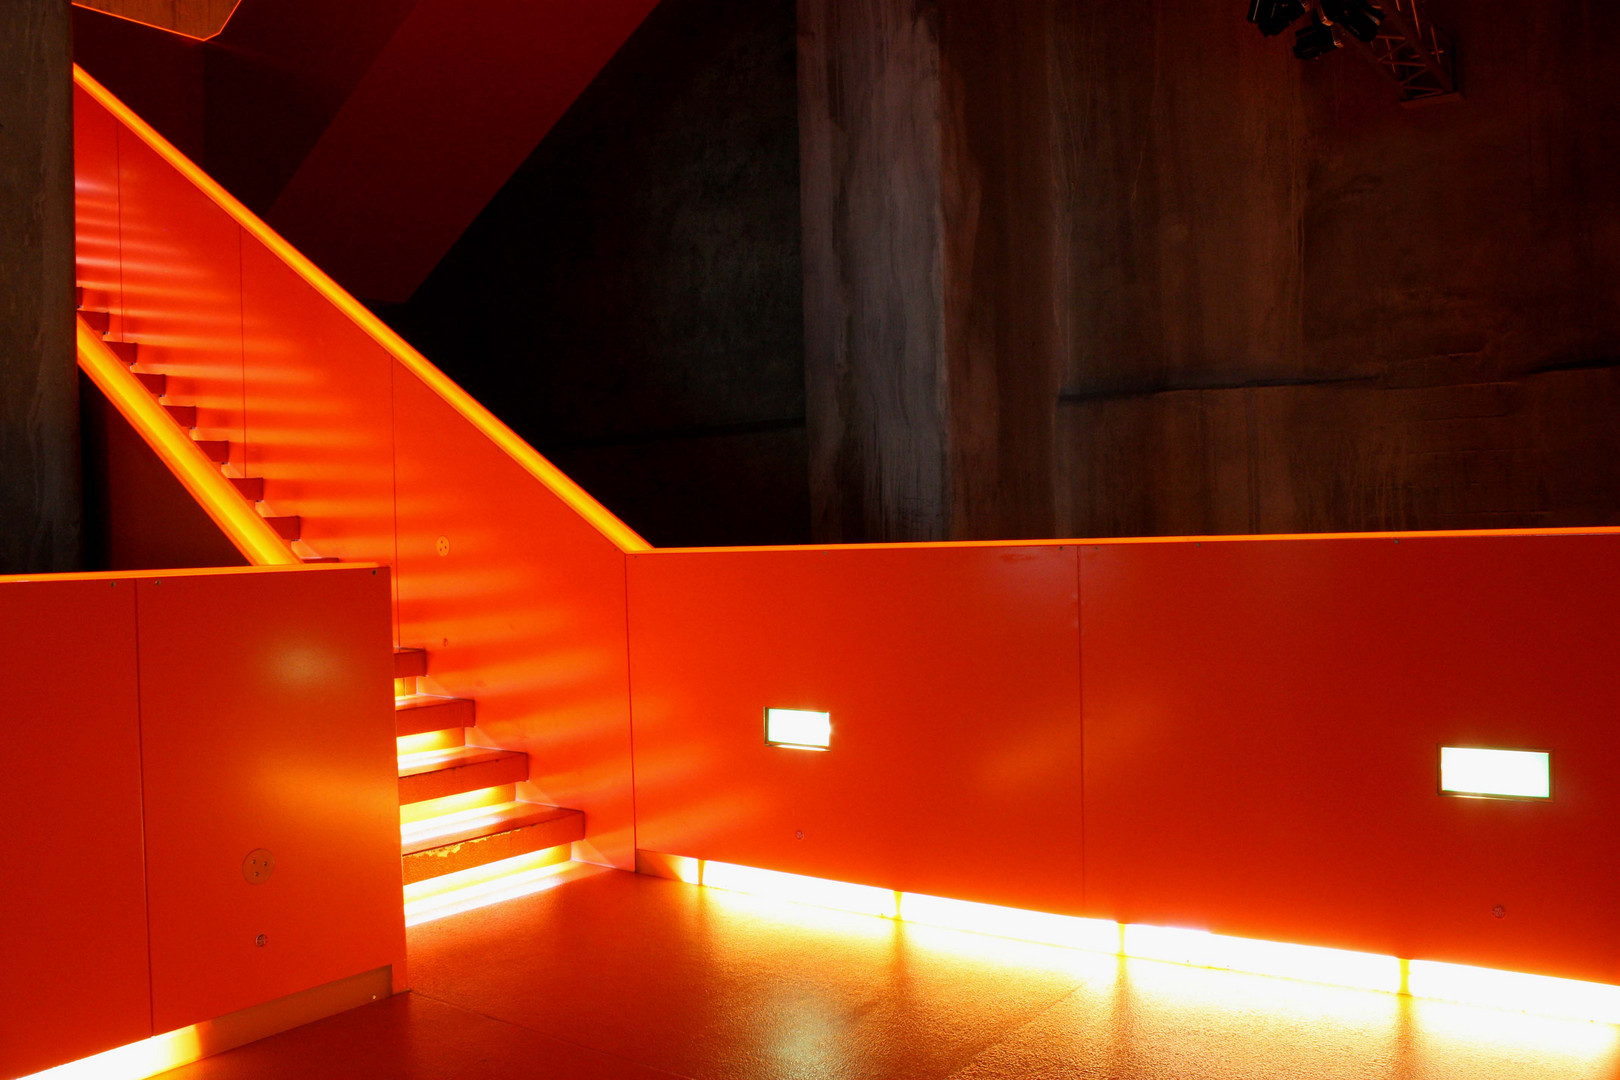 Treppenhaus im Ruhrmuseum